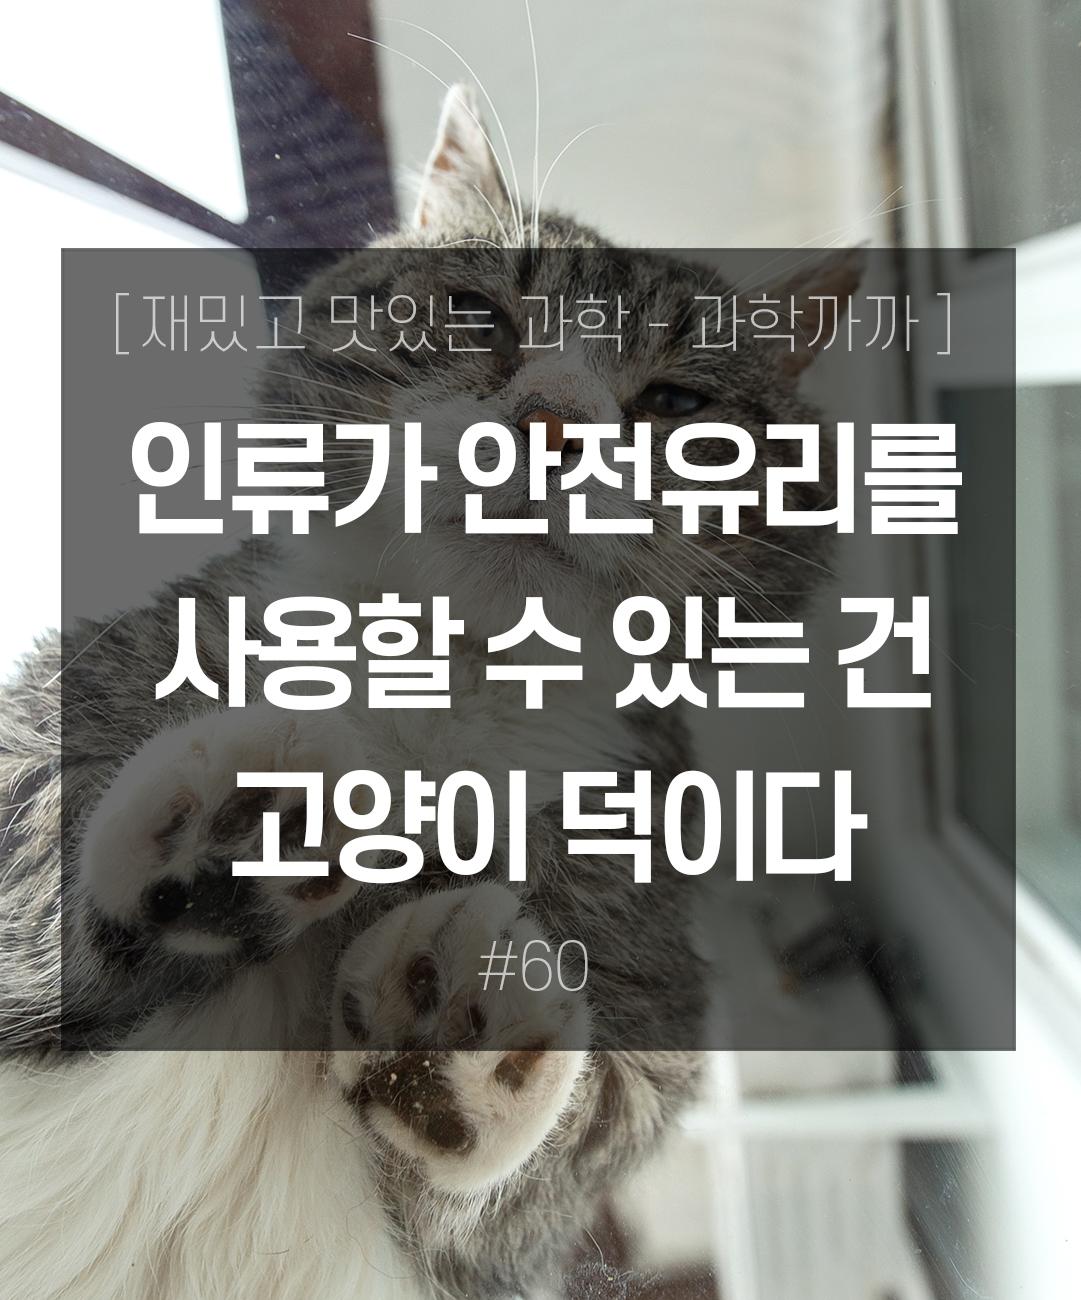 인류가 안전유리를 사용할 수 있는 건 고양이 덕이다 이미지